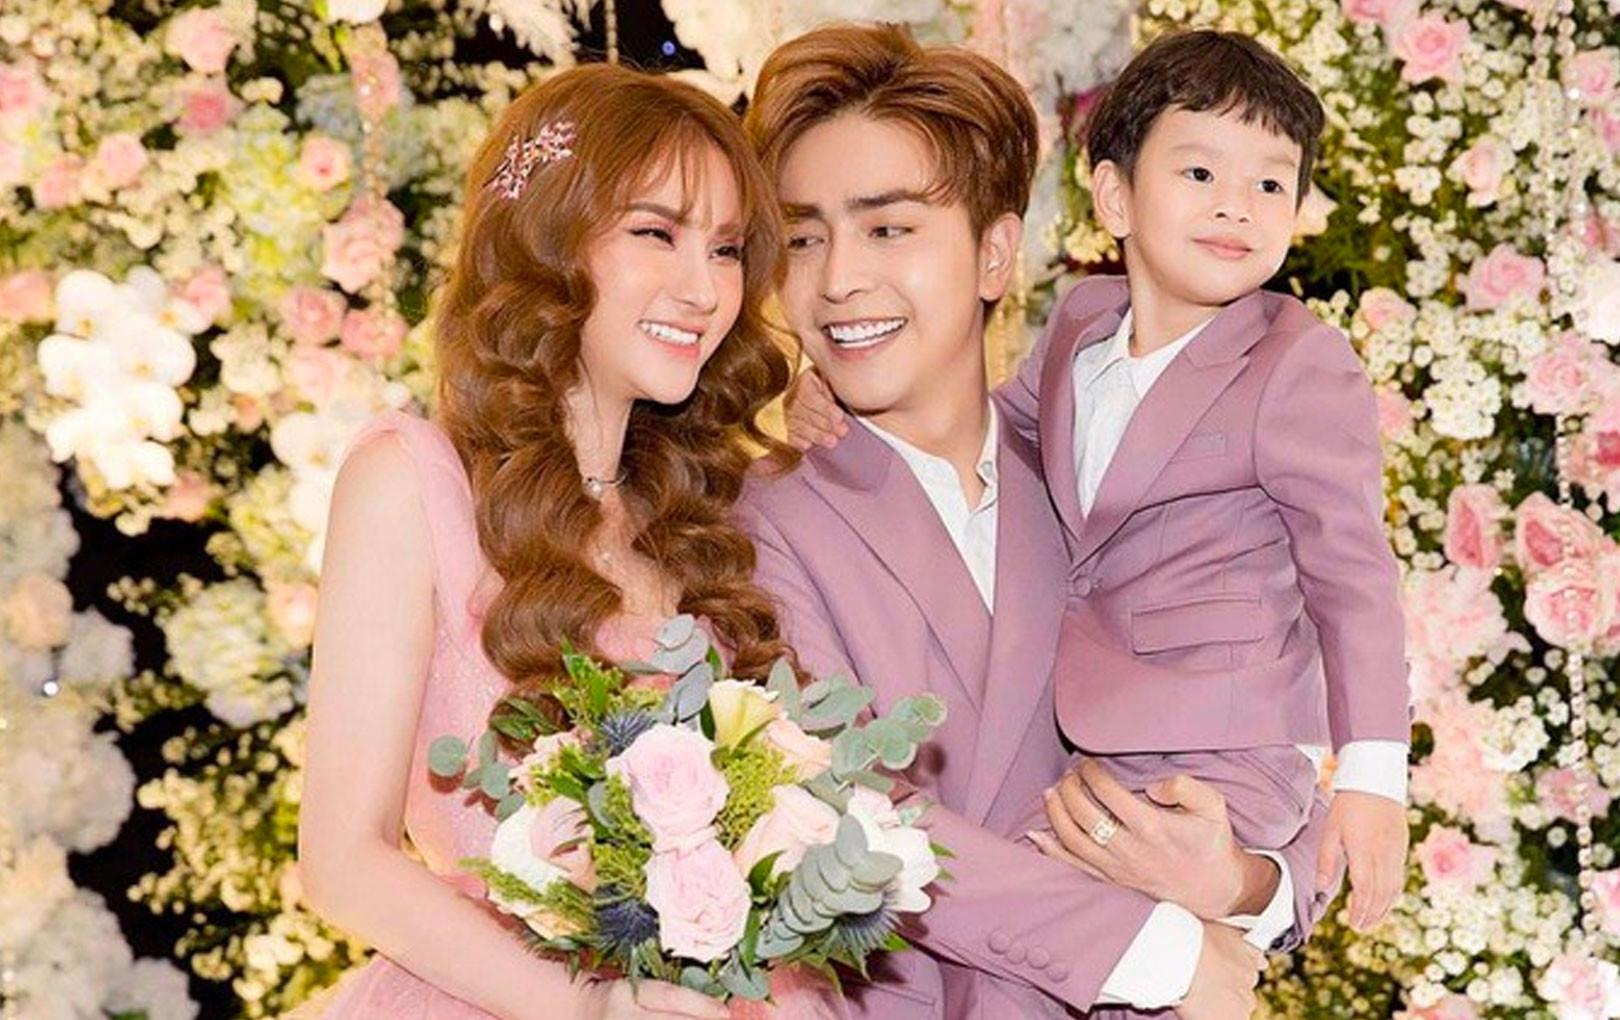 Bất ngờ người chăm sóc con của Thu Thủy lên tiếng về những hành động của Kin Nguyễn đối với con trai riêng